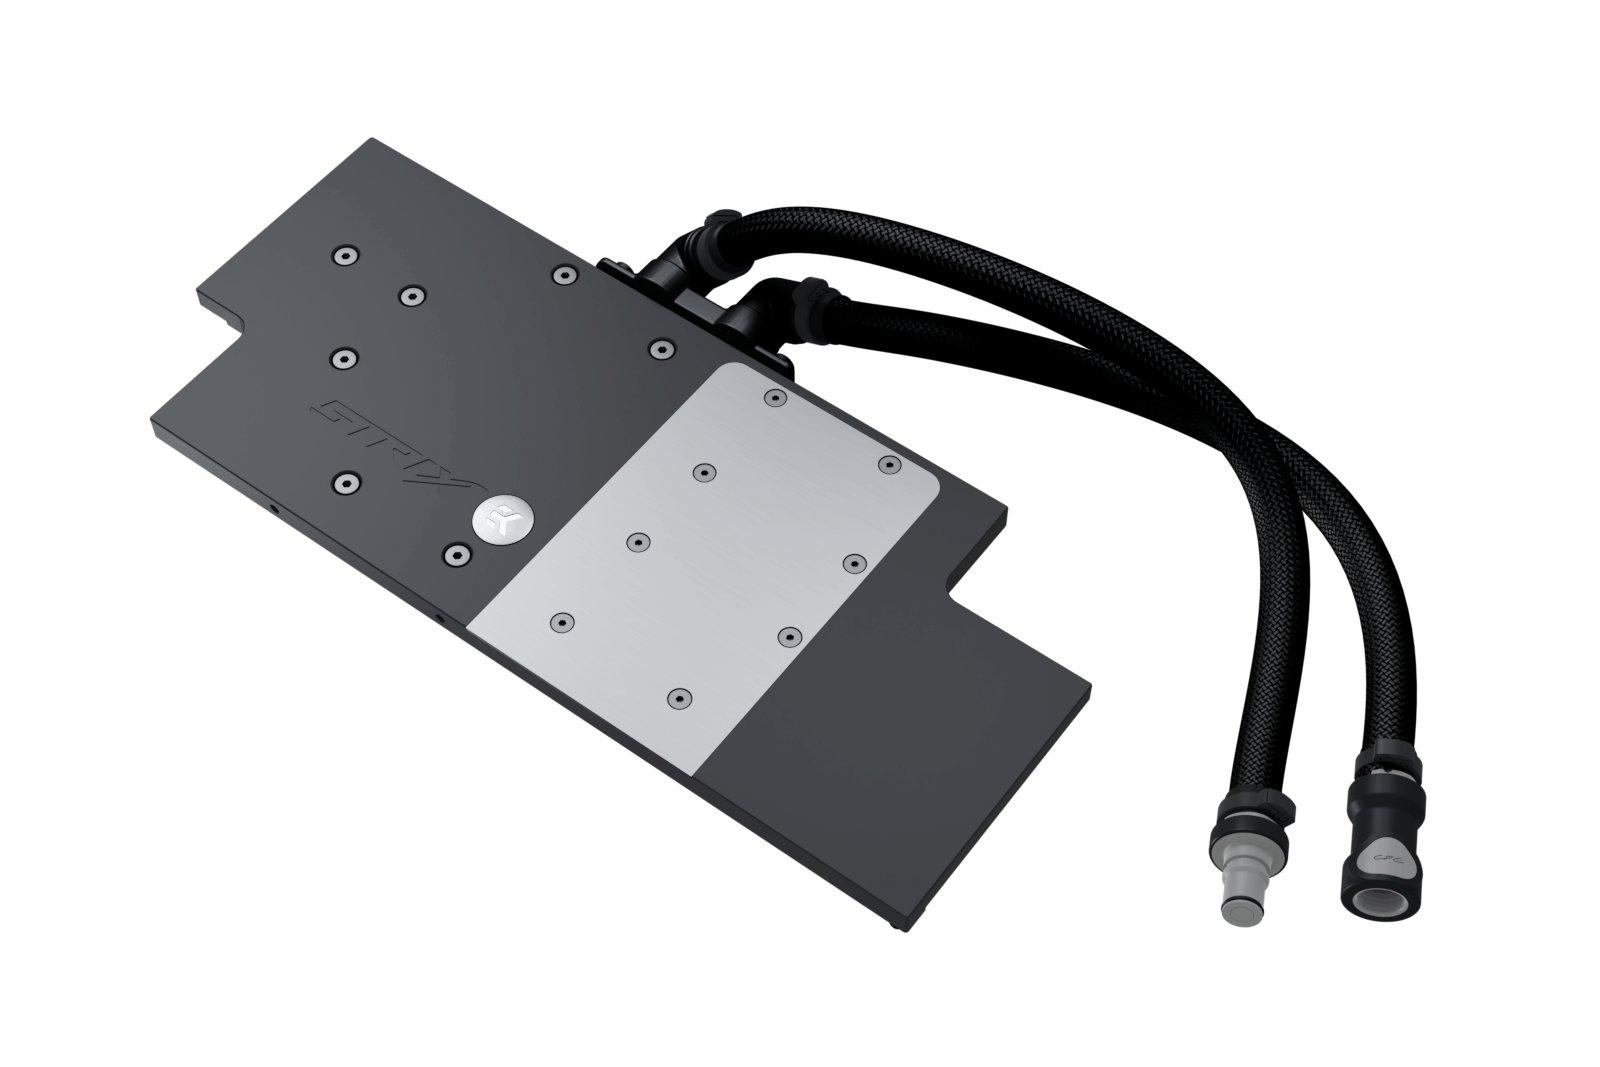 Fullcover-Wasserkühler für die Asus GeForce GTX 1080 Ti Strix